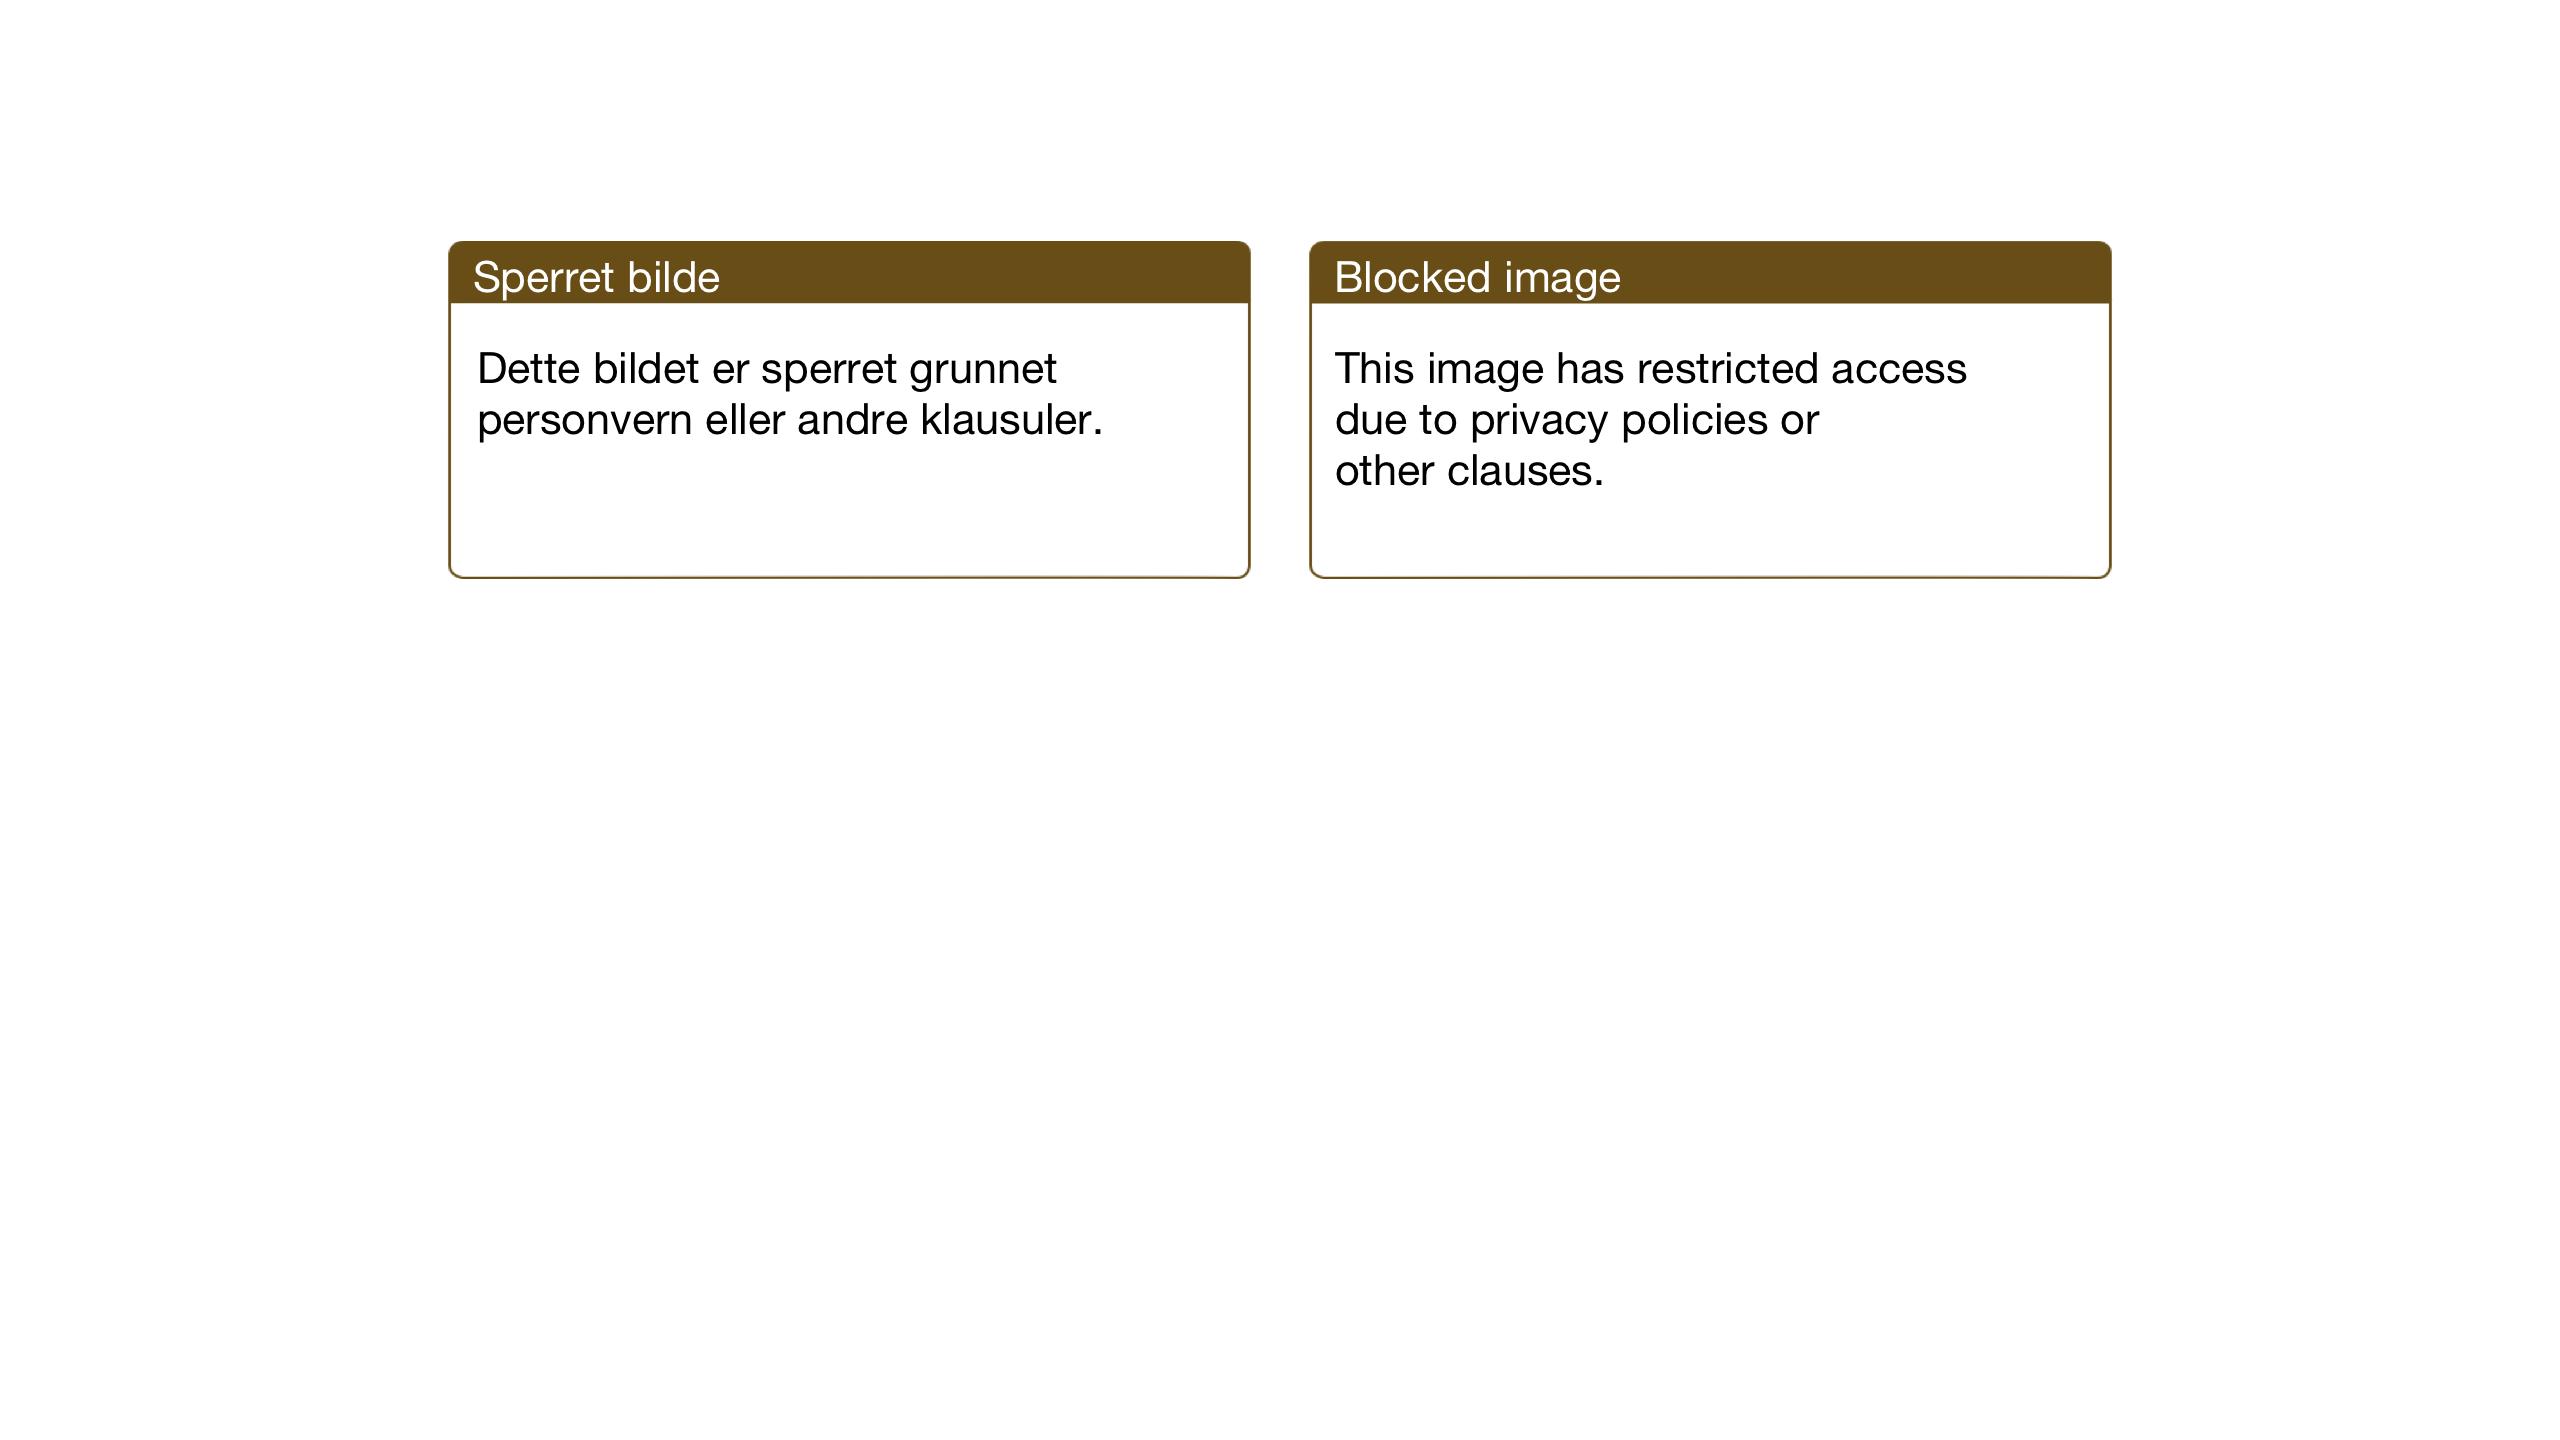 SAT, Ministerialprotokoller, klokkerbøker og fødselsregistre - Nord-Trøndelag, 714/L0136: Klokkerbok nr. 714C05, 1918-1957, s. 158